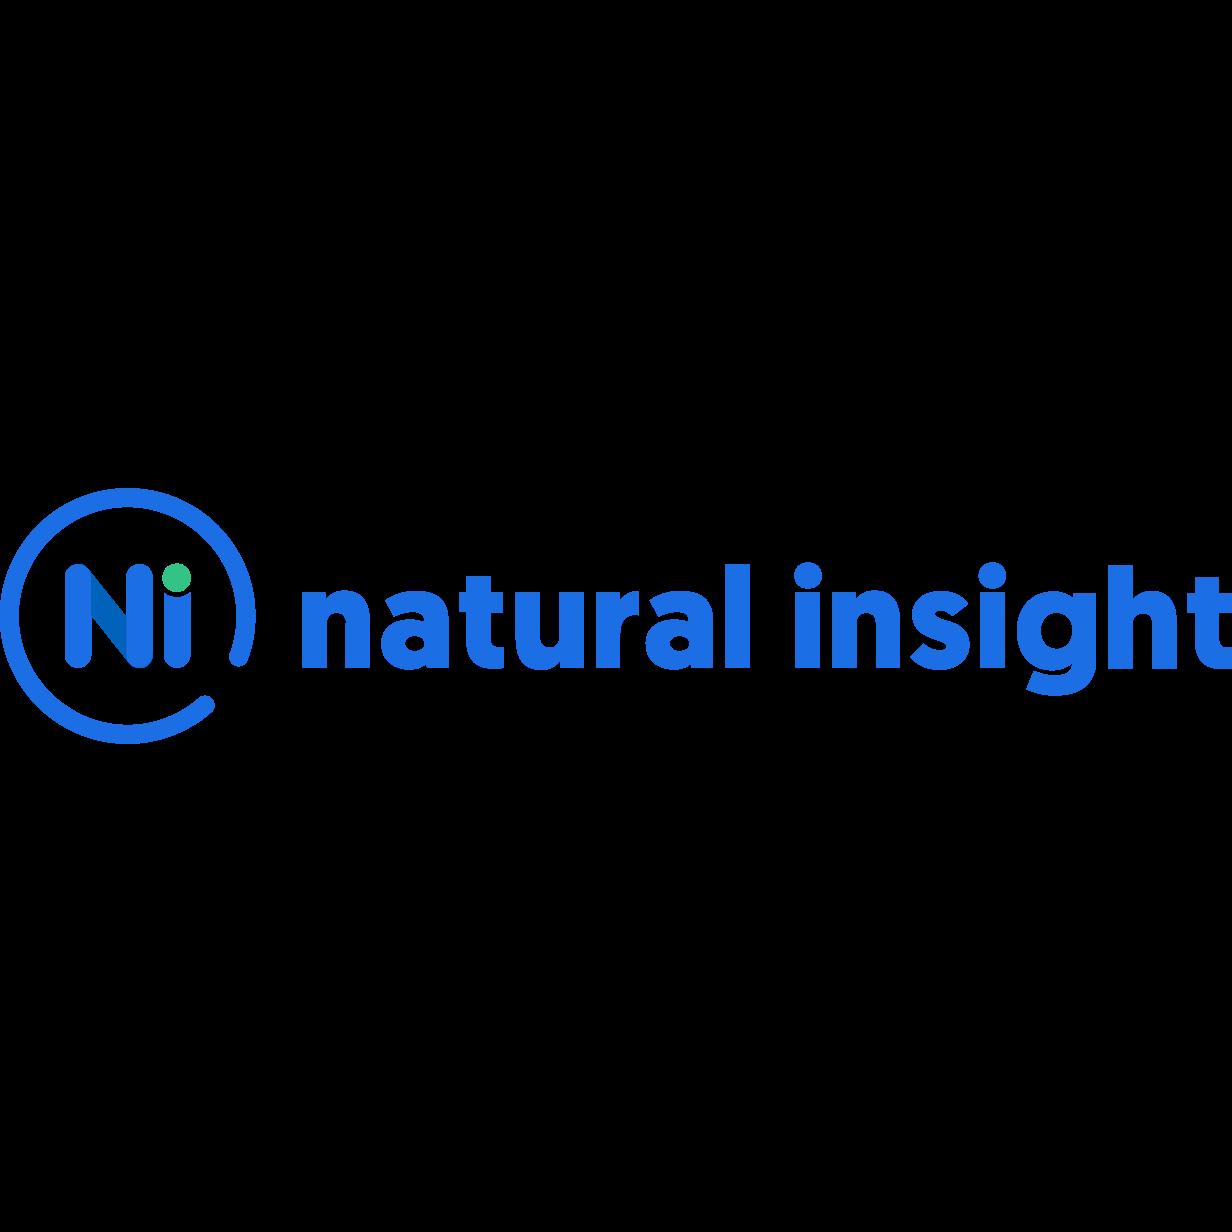 Natural Insight photo